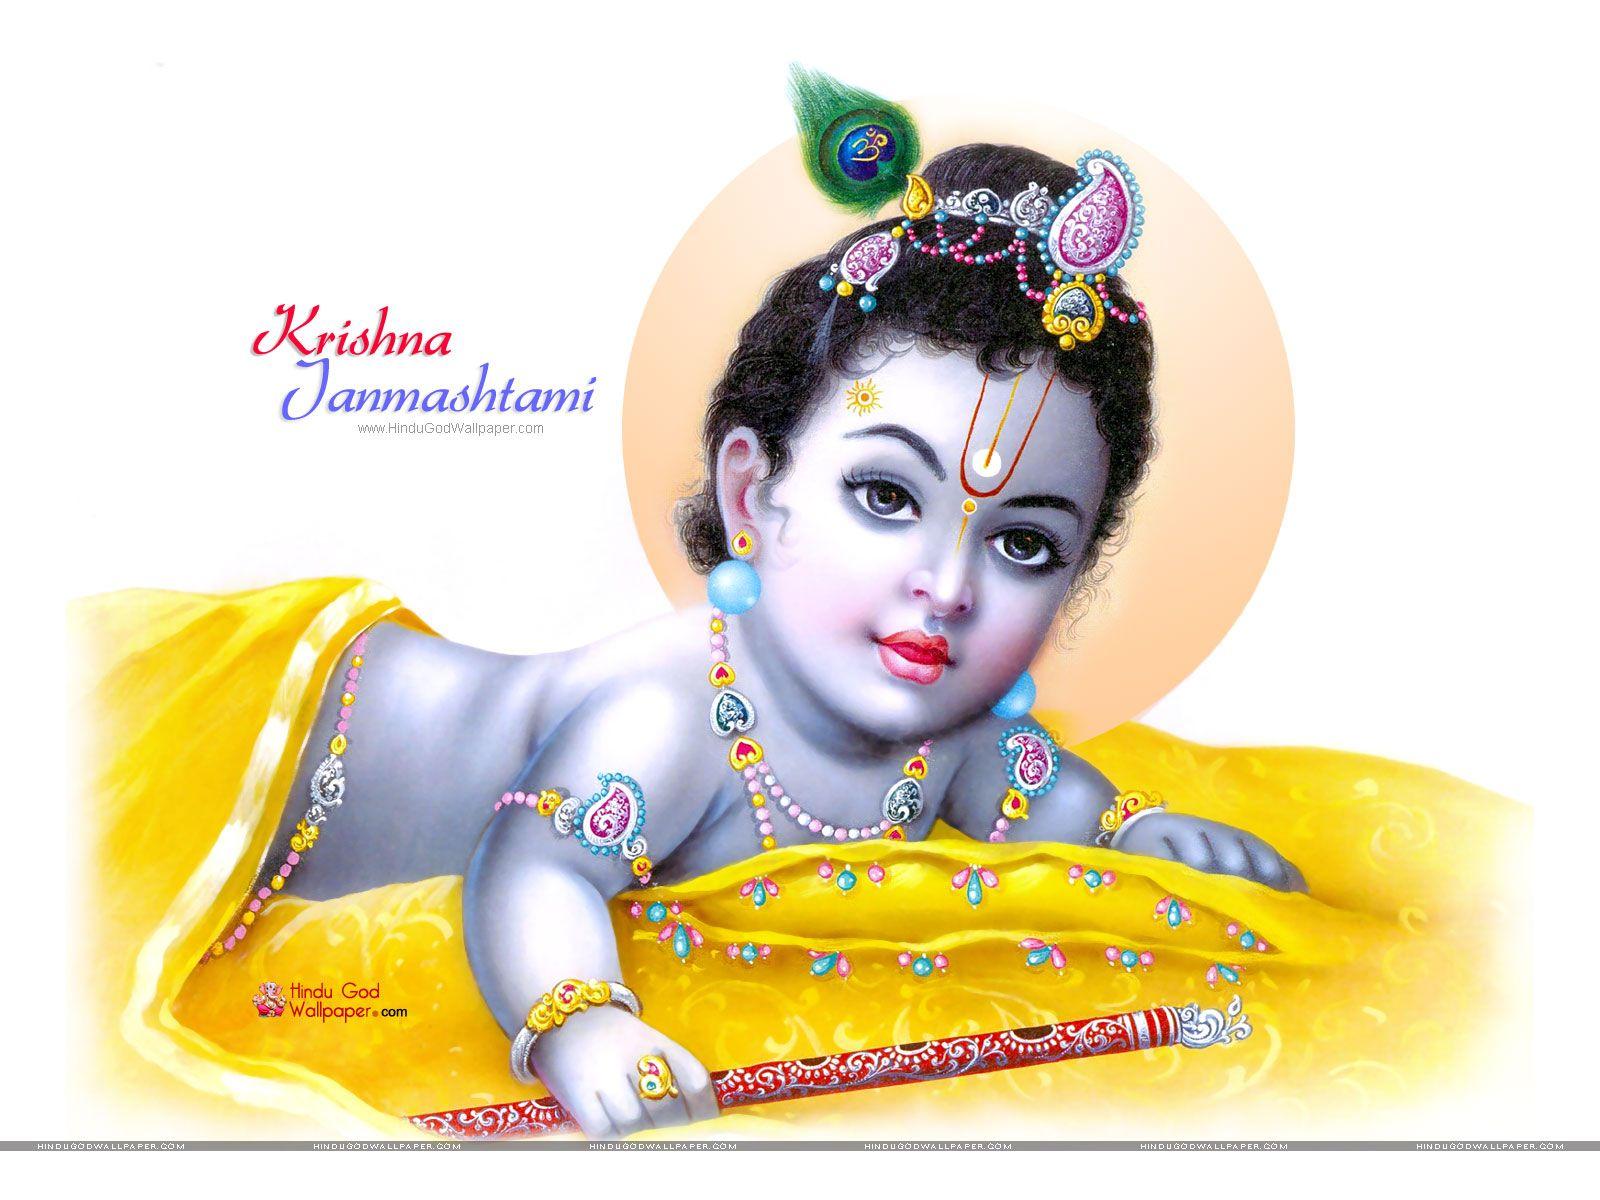 Lord Krishna Hd Wallpapers Cute Bal Krishna Images Free Lord Krishna Wallpapers Baby Krishna Bal Krishna